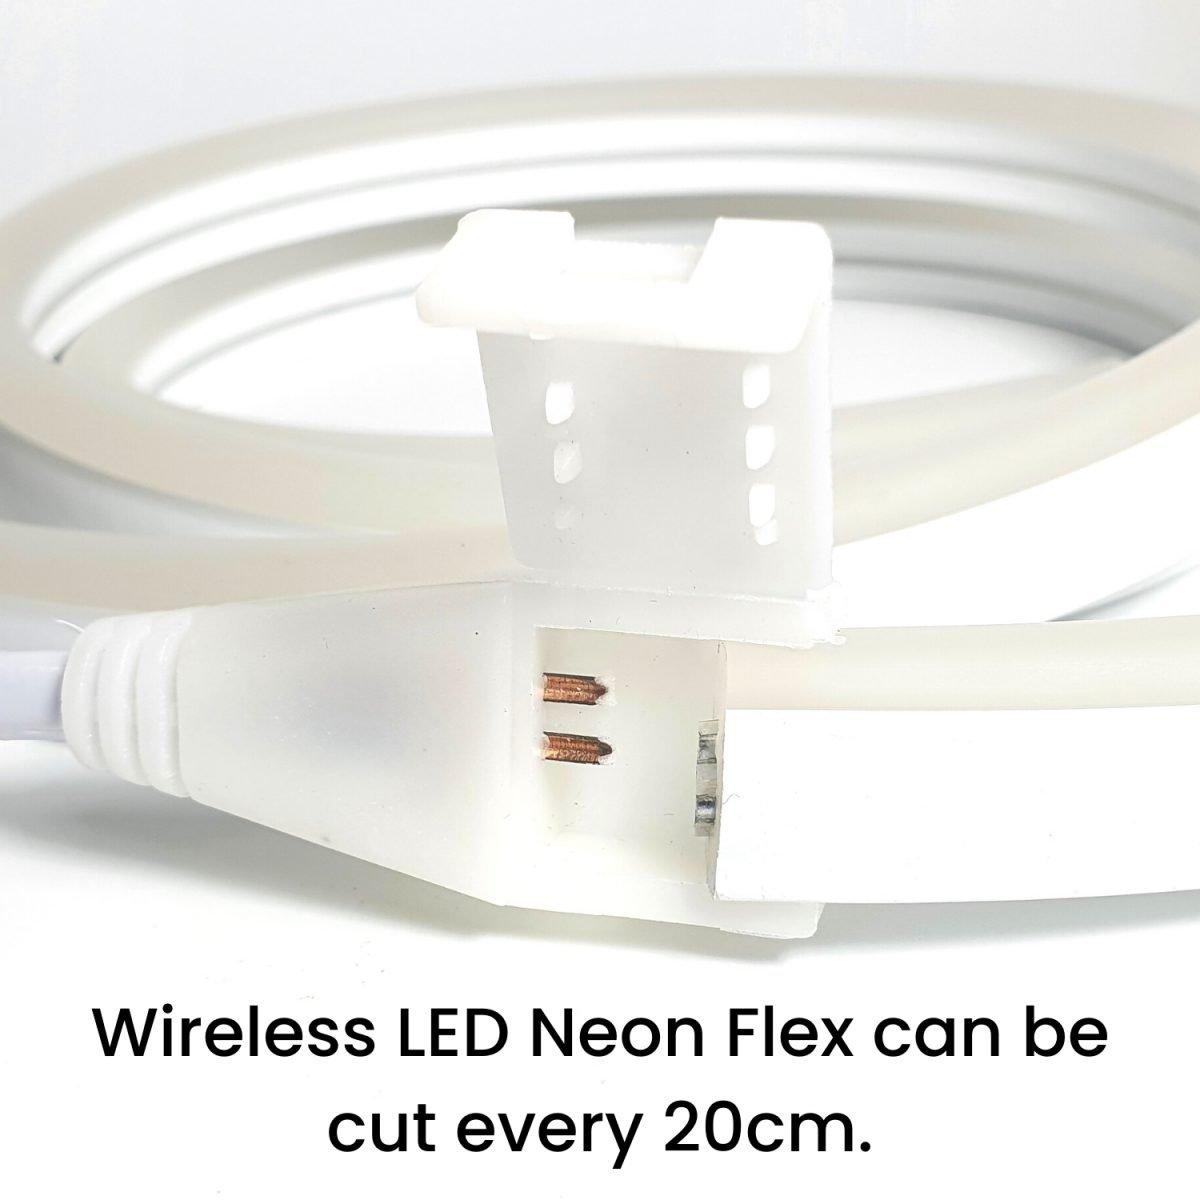 ATOM LED Neon Flex Cool White & Warm White Wireless 220v -